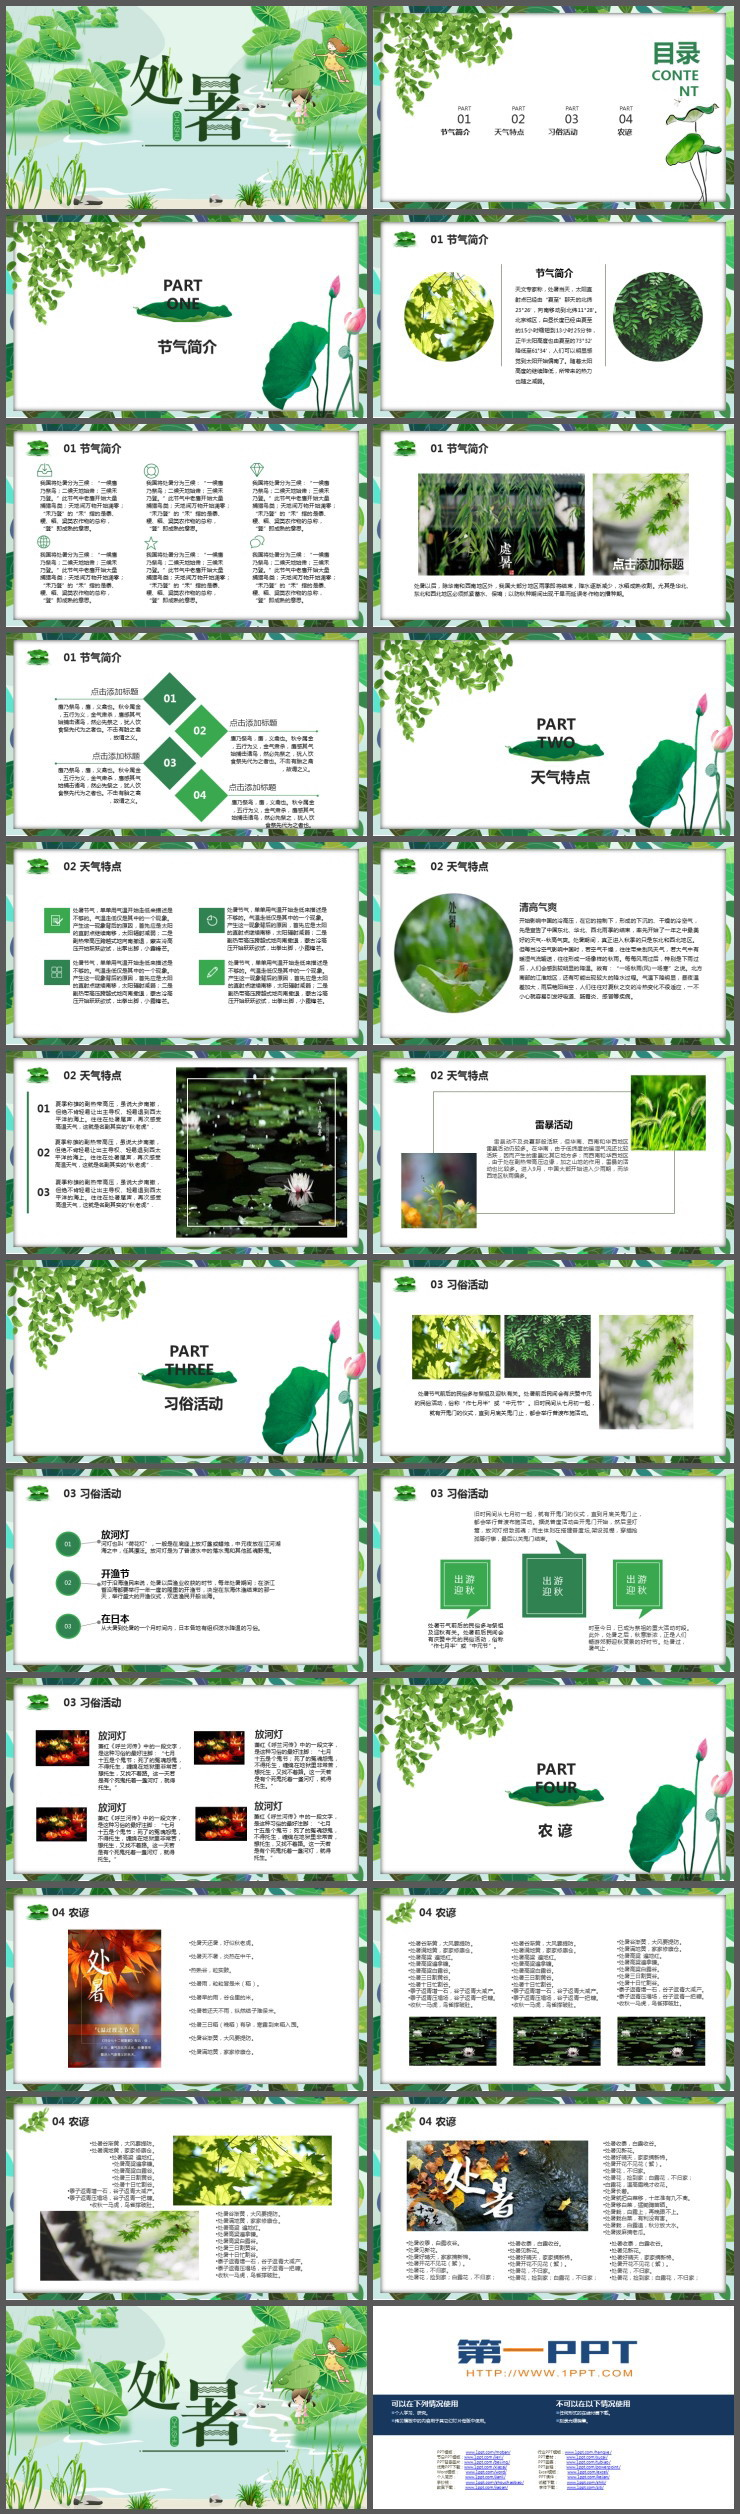 绿色荷叶背景的处暑节气介绍PPT